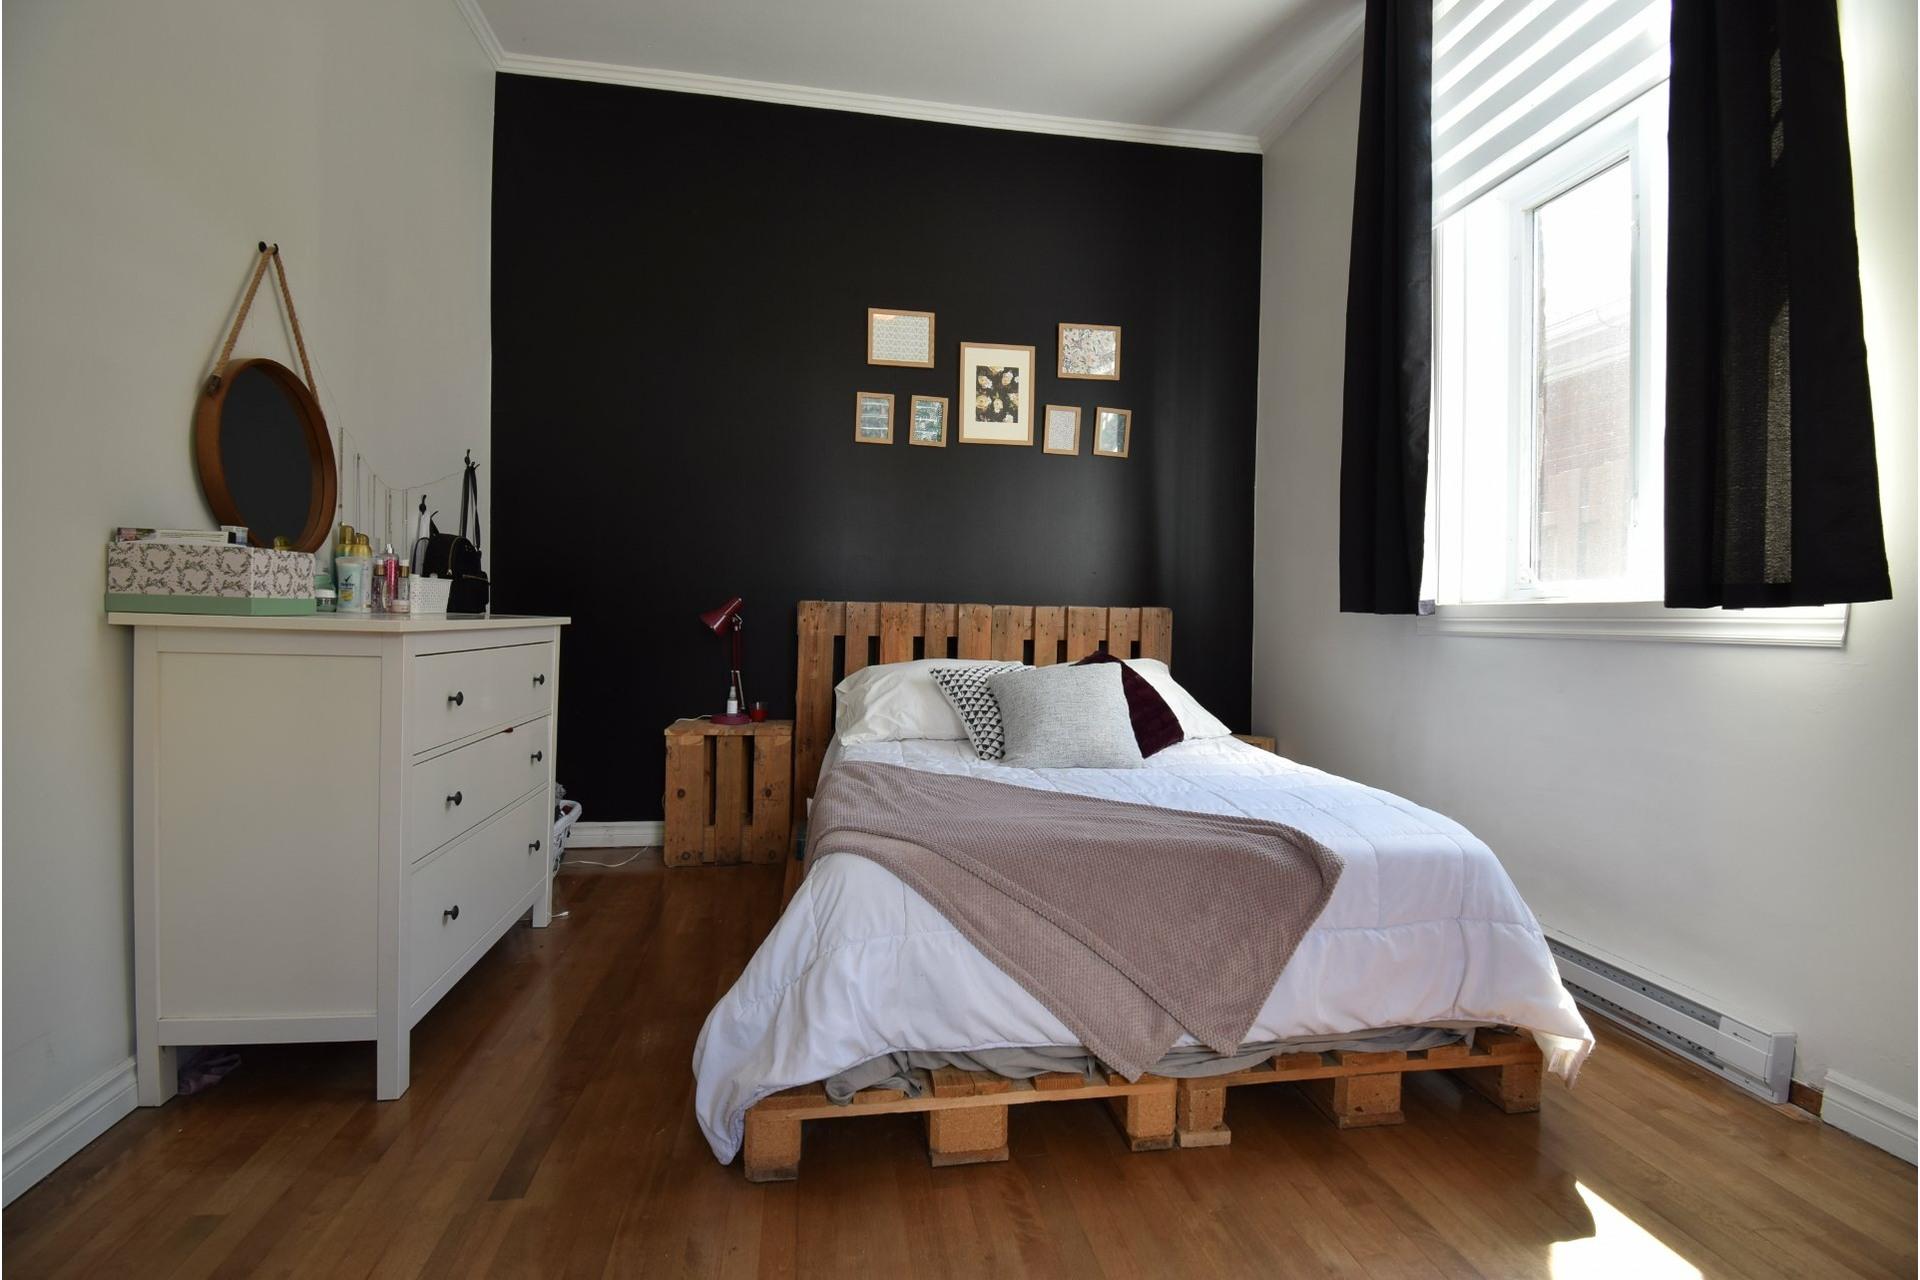 image 7 - Duplex À vendre Trois-Rivières - 4 pièces